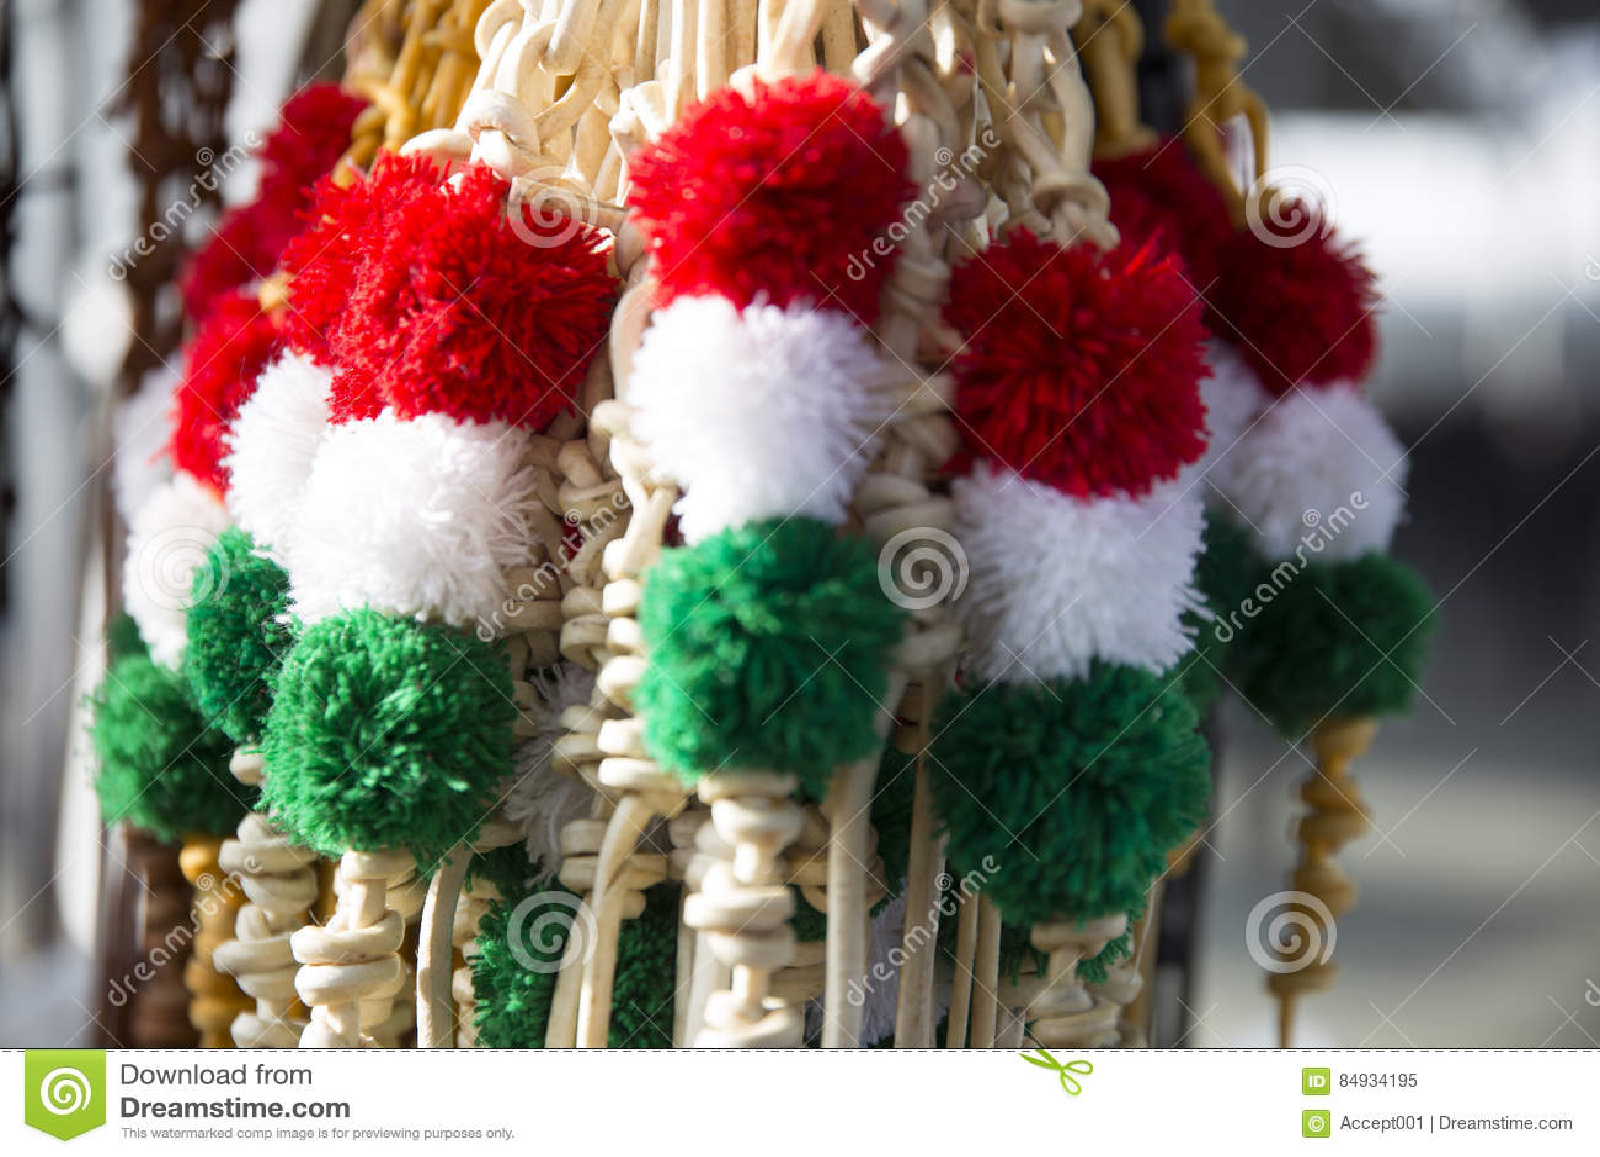 Fruste tricolori tradizionali del cuoio per gli sheperds ungheresi e uff